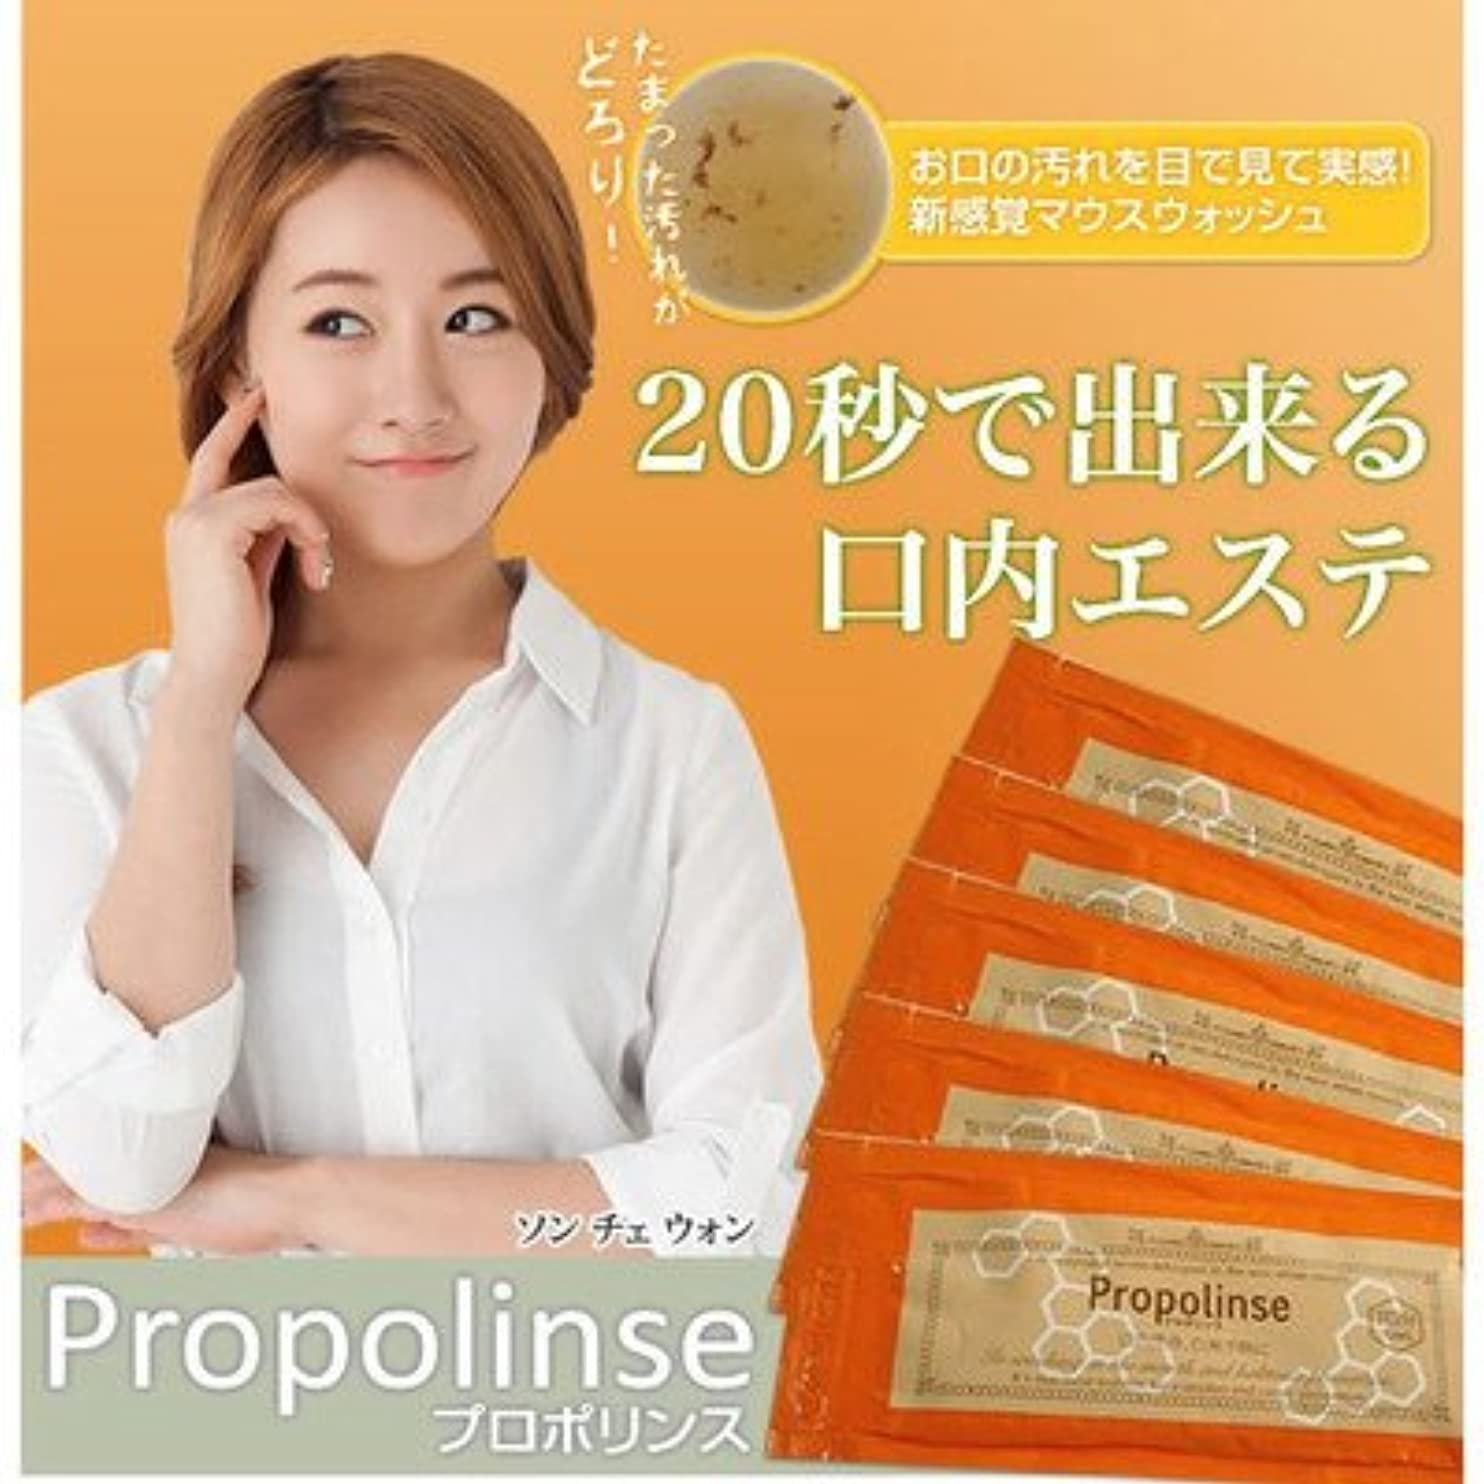 称賛アクティブ補償プロポリンス ハンディパウチ 12ml(1袋)×100袋